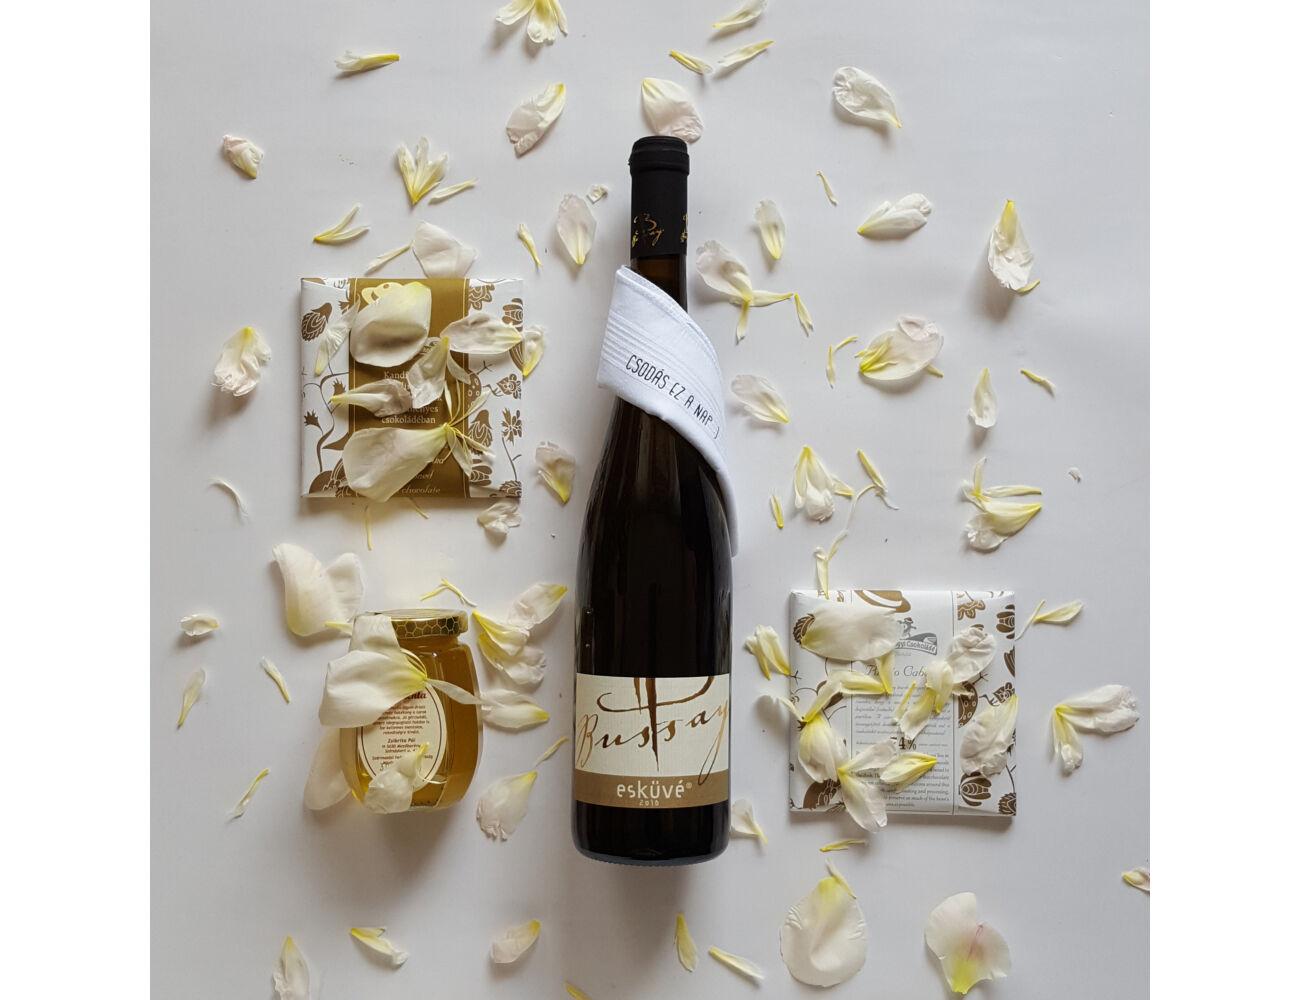 Nászajándék aranyban ajándékcsomag- bor, csokik, méz